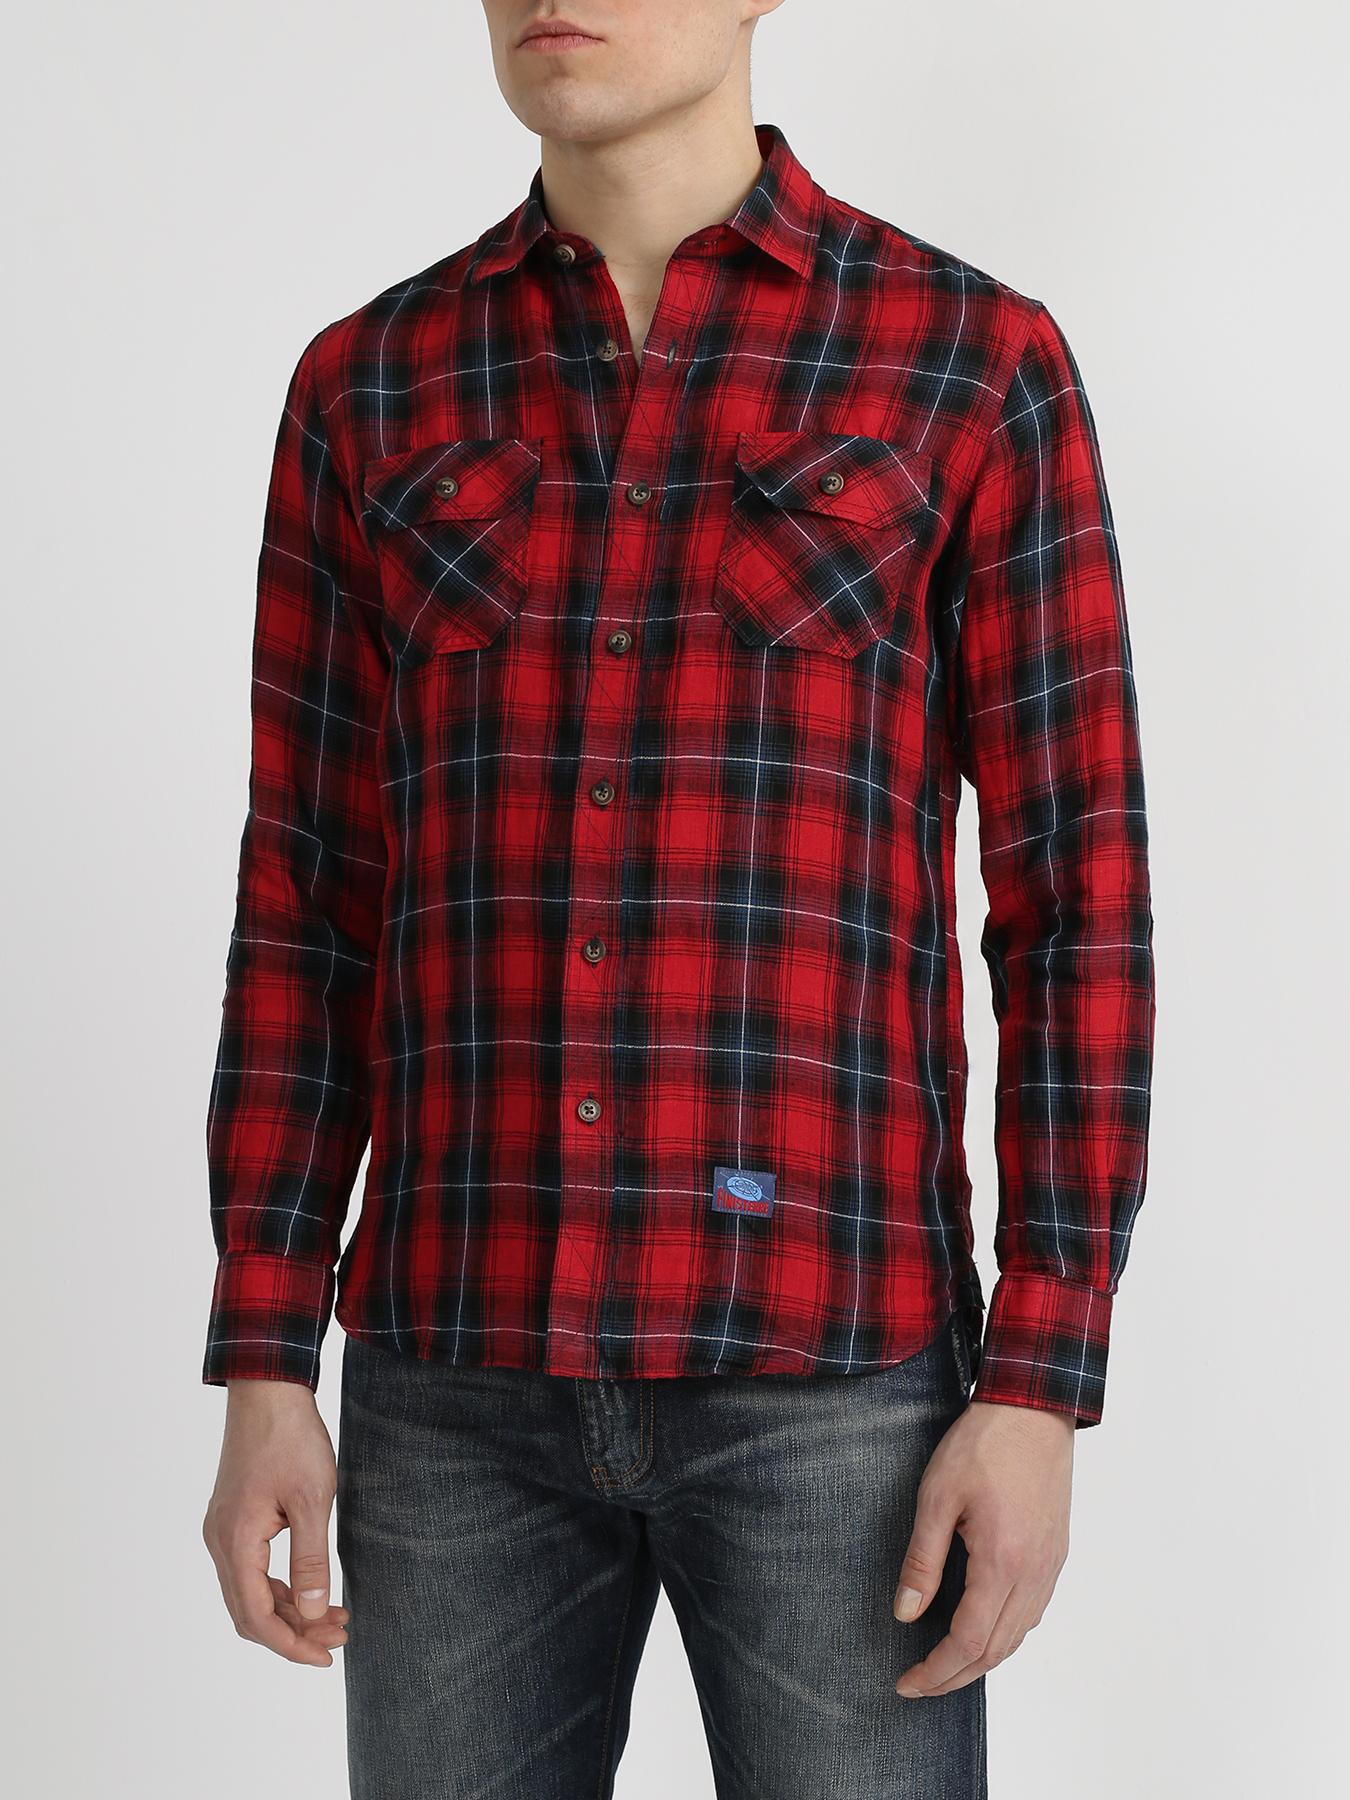 Рубашки Finisterre Льняная рубашка в клетку